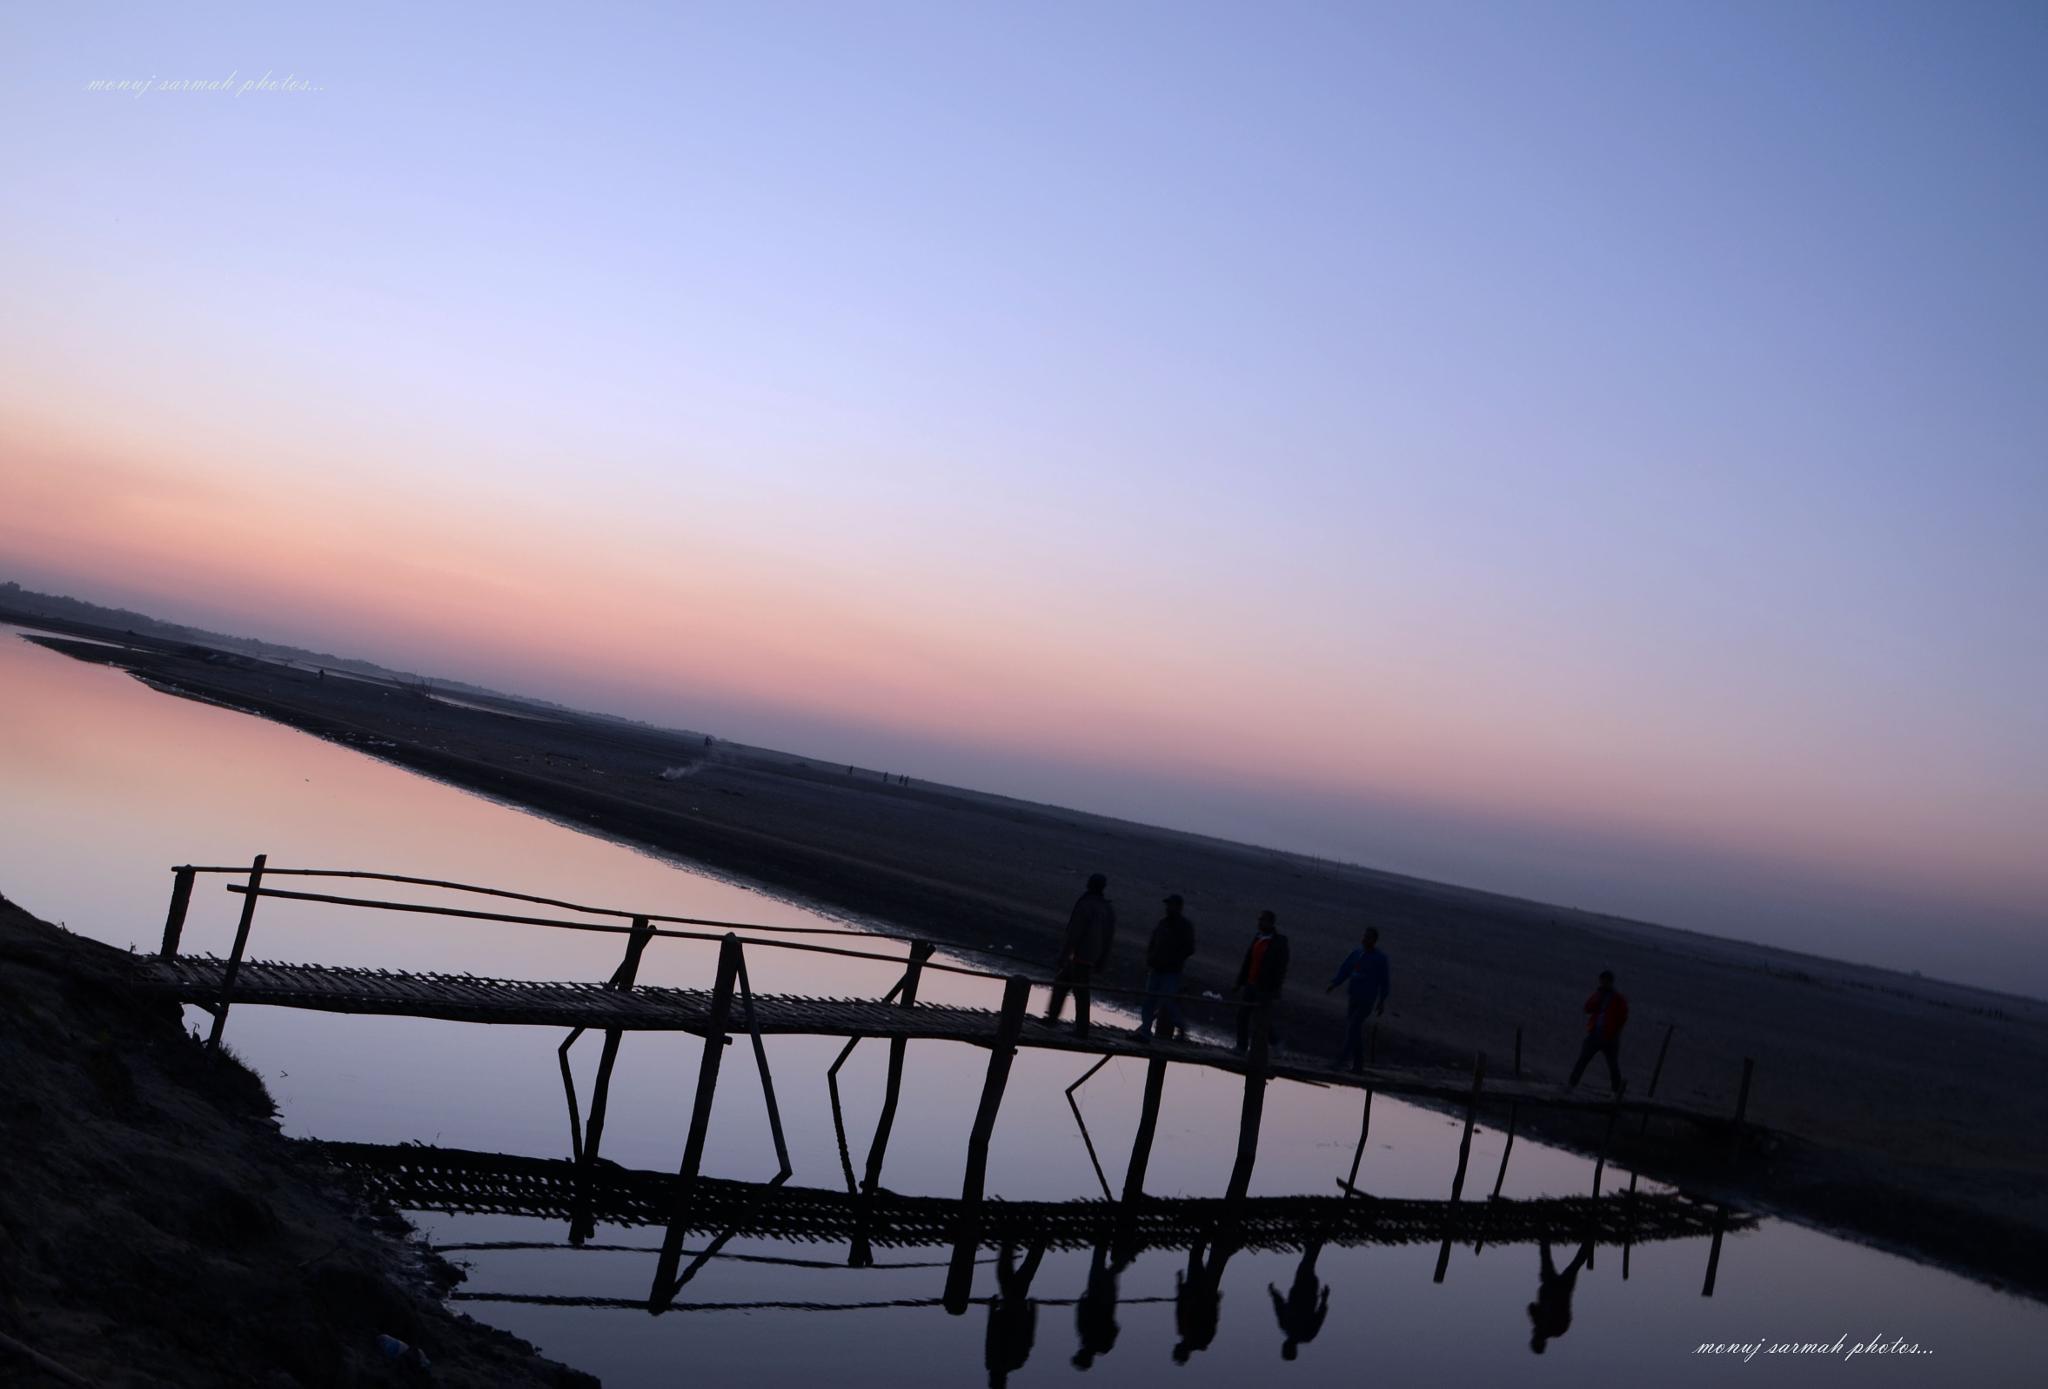 The bridge. by monoj.sarma